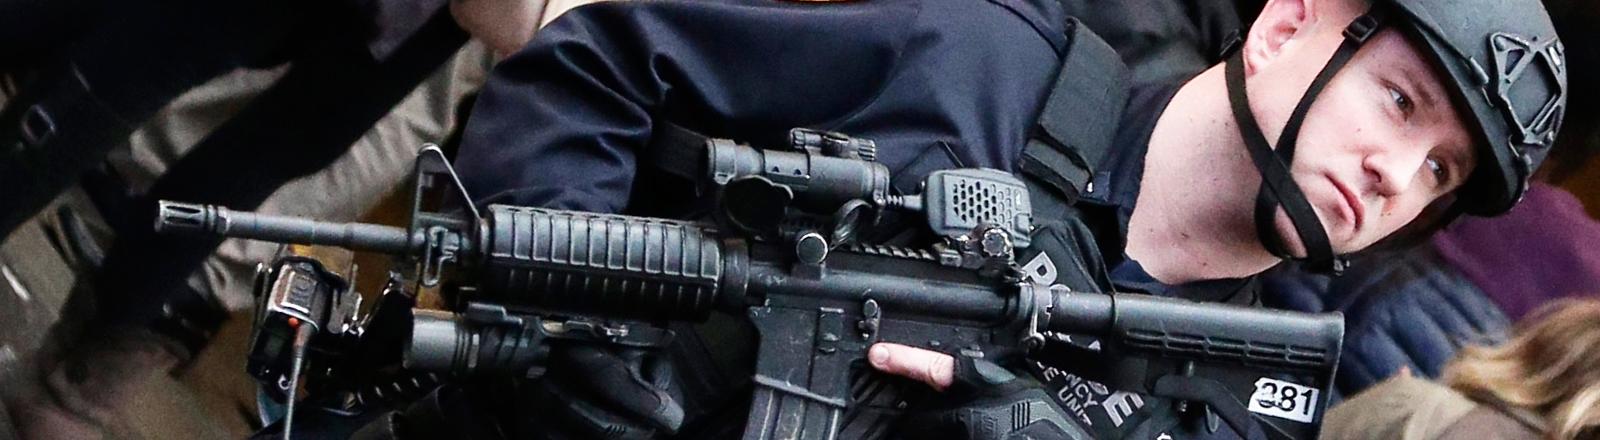 Ein schwer bewaffneter Polizist in New York.